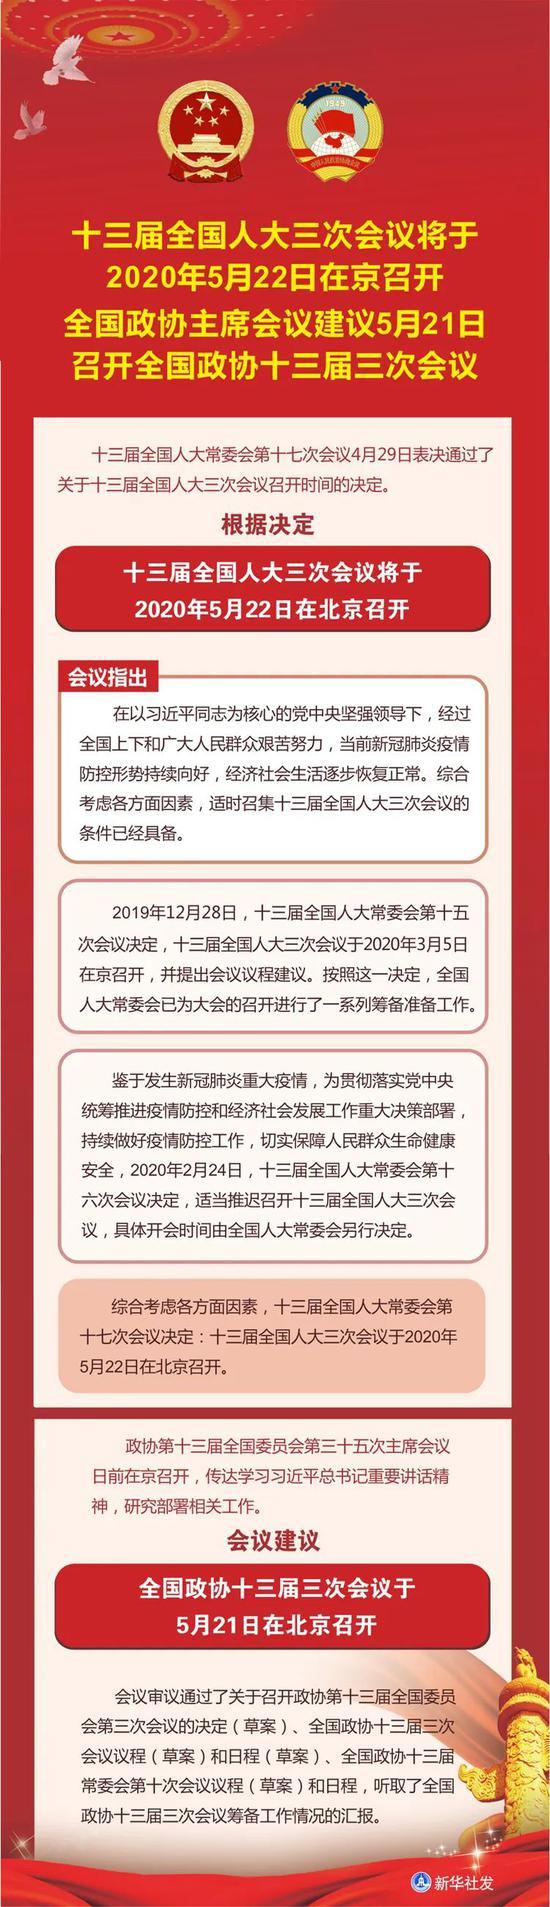 「杏悦注册」目杏悦注册外媒显示国家回归图片